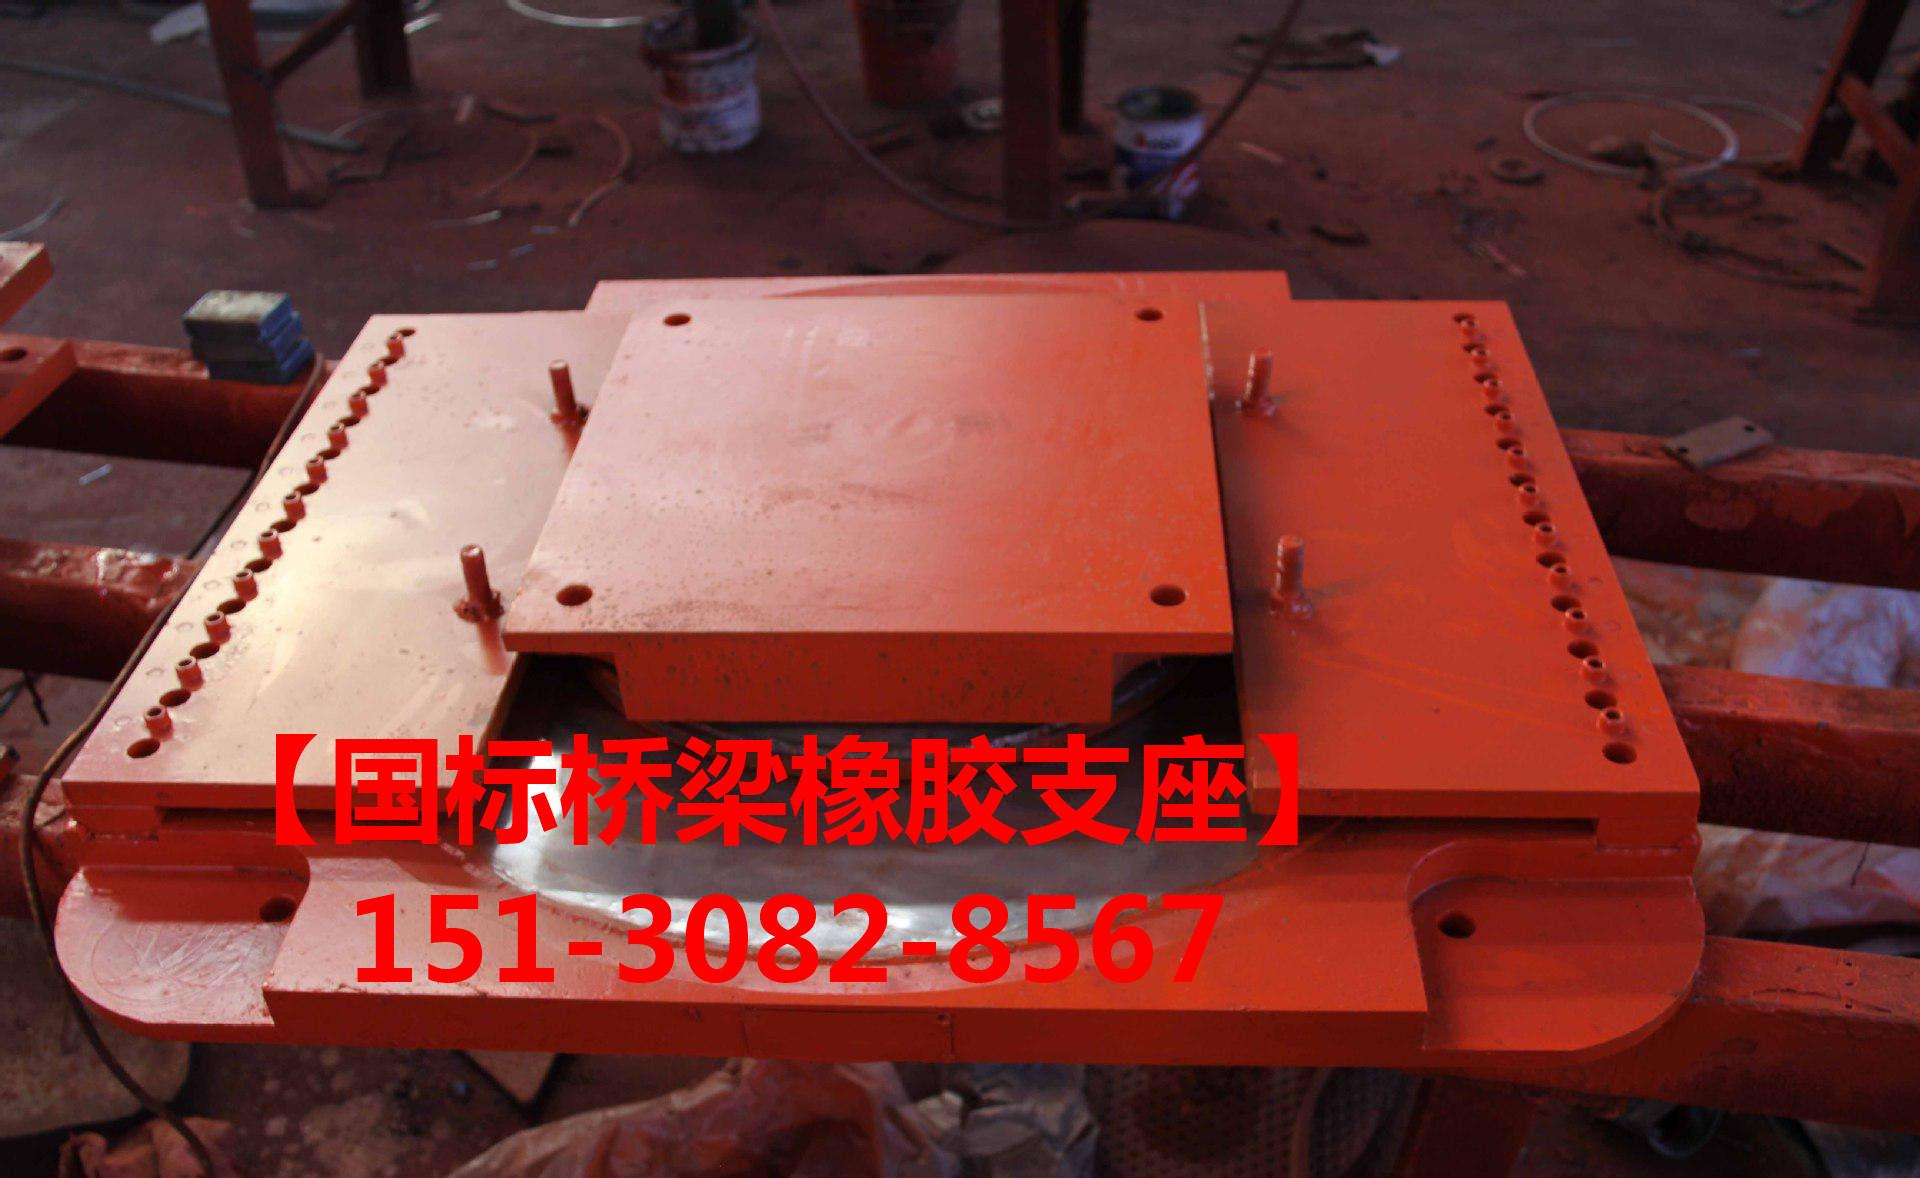 安通良品盆式橡胶支座产品安装说明